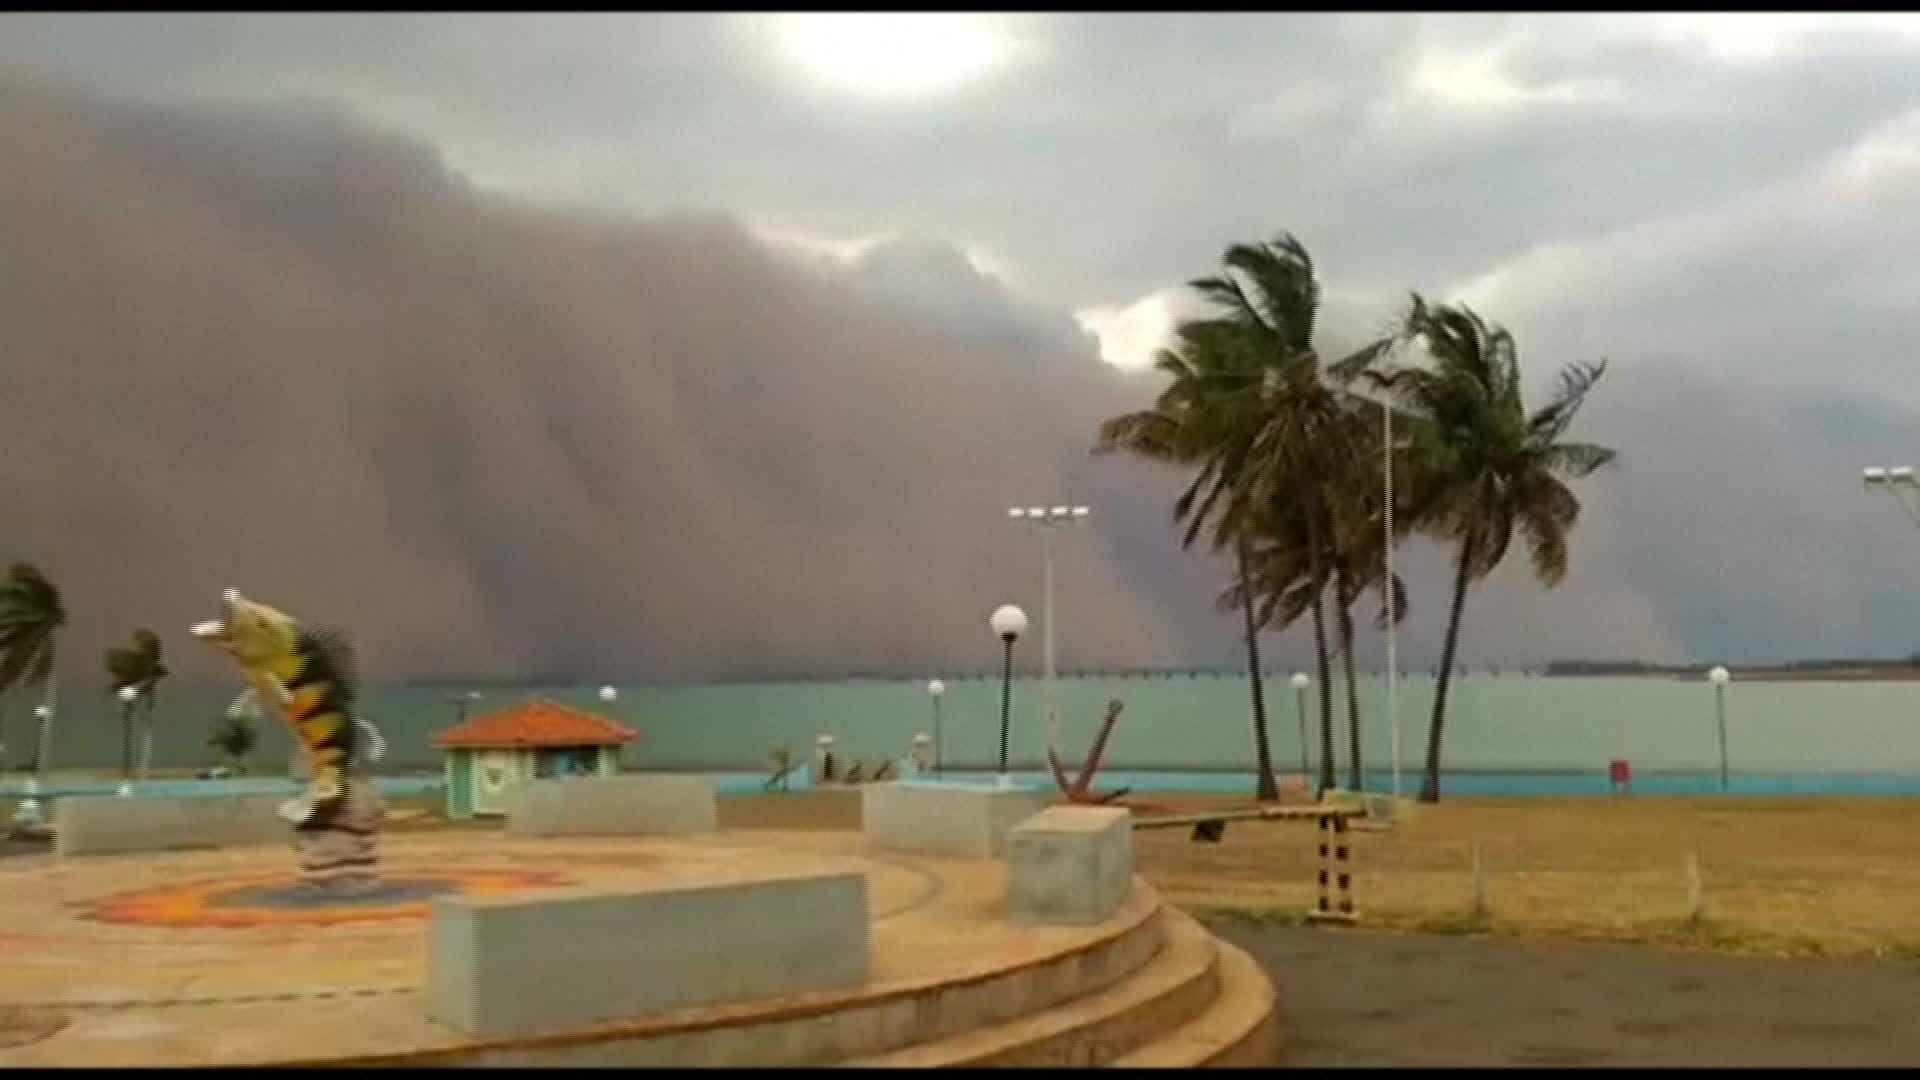 Bão cát khổng lồ chắn ngang đường chân trời